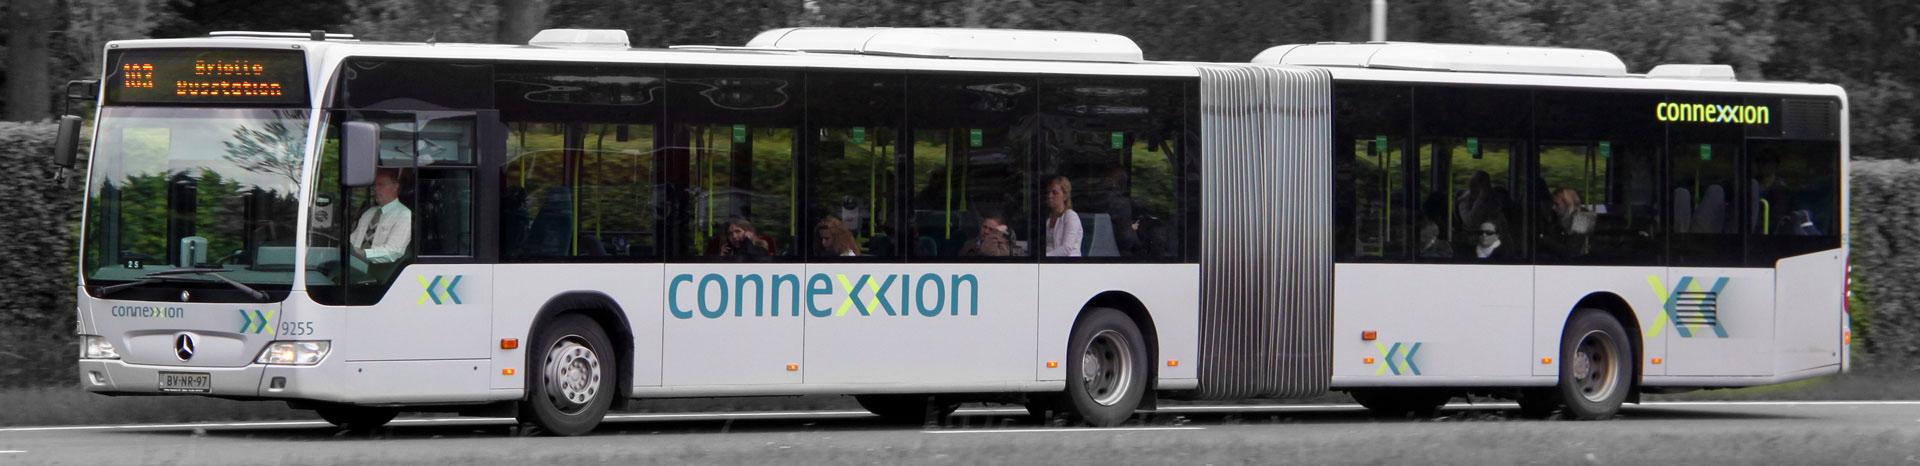 Aanrijding bus | Busongeluk